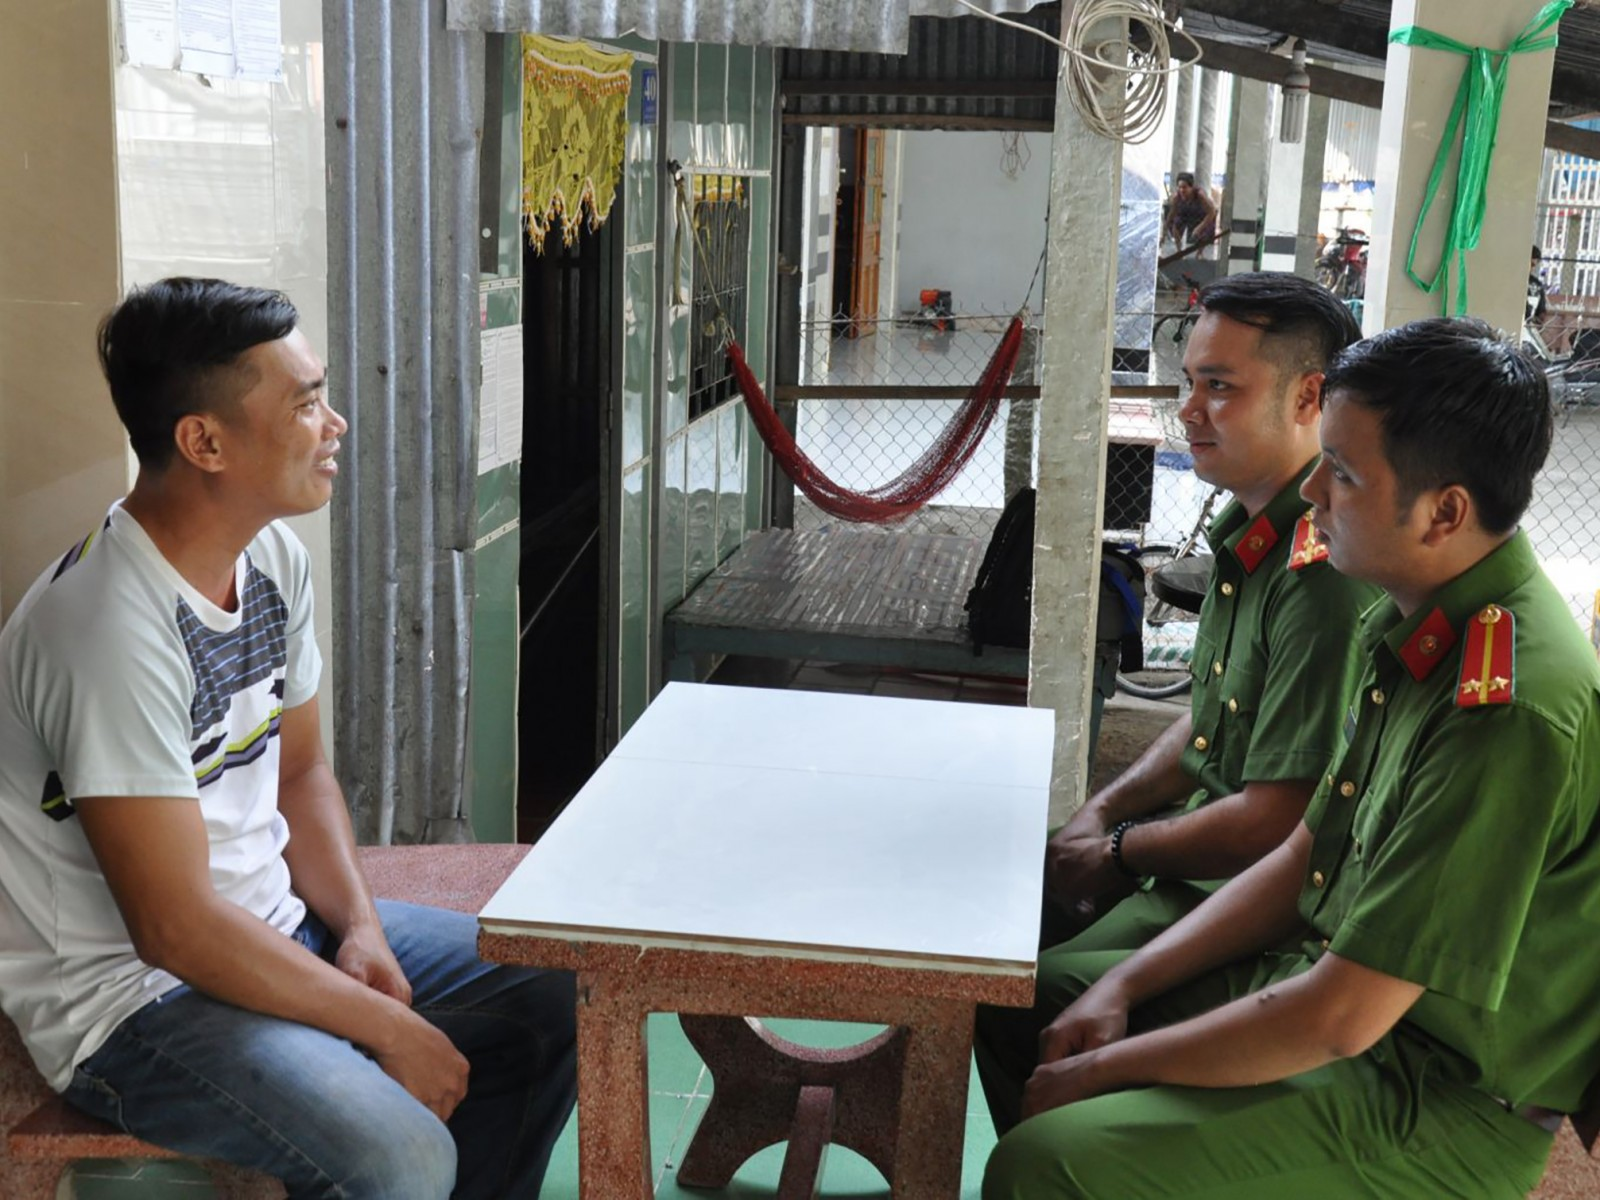 Đại úy Thạch Bình (thứ 2 từ phải qua) thường xuyên thăm hỏi, động viên Đoàn Văn Cư, ở ấp Thới Thuận chí thú làm ăn.